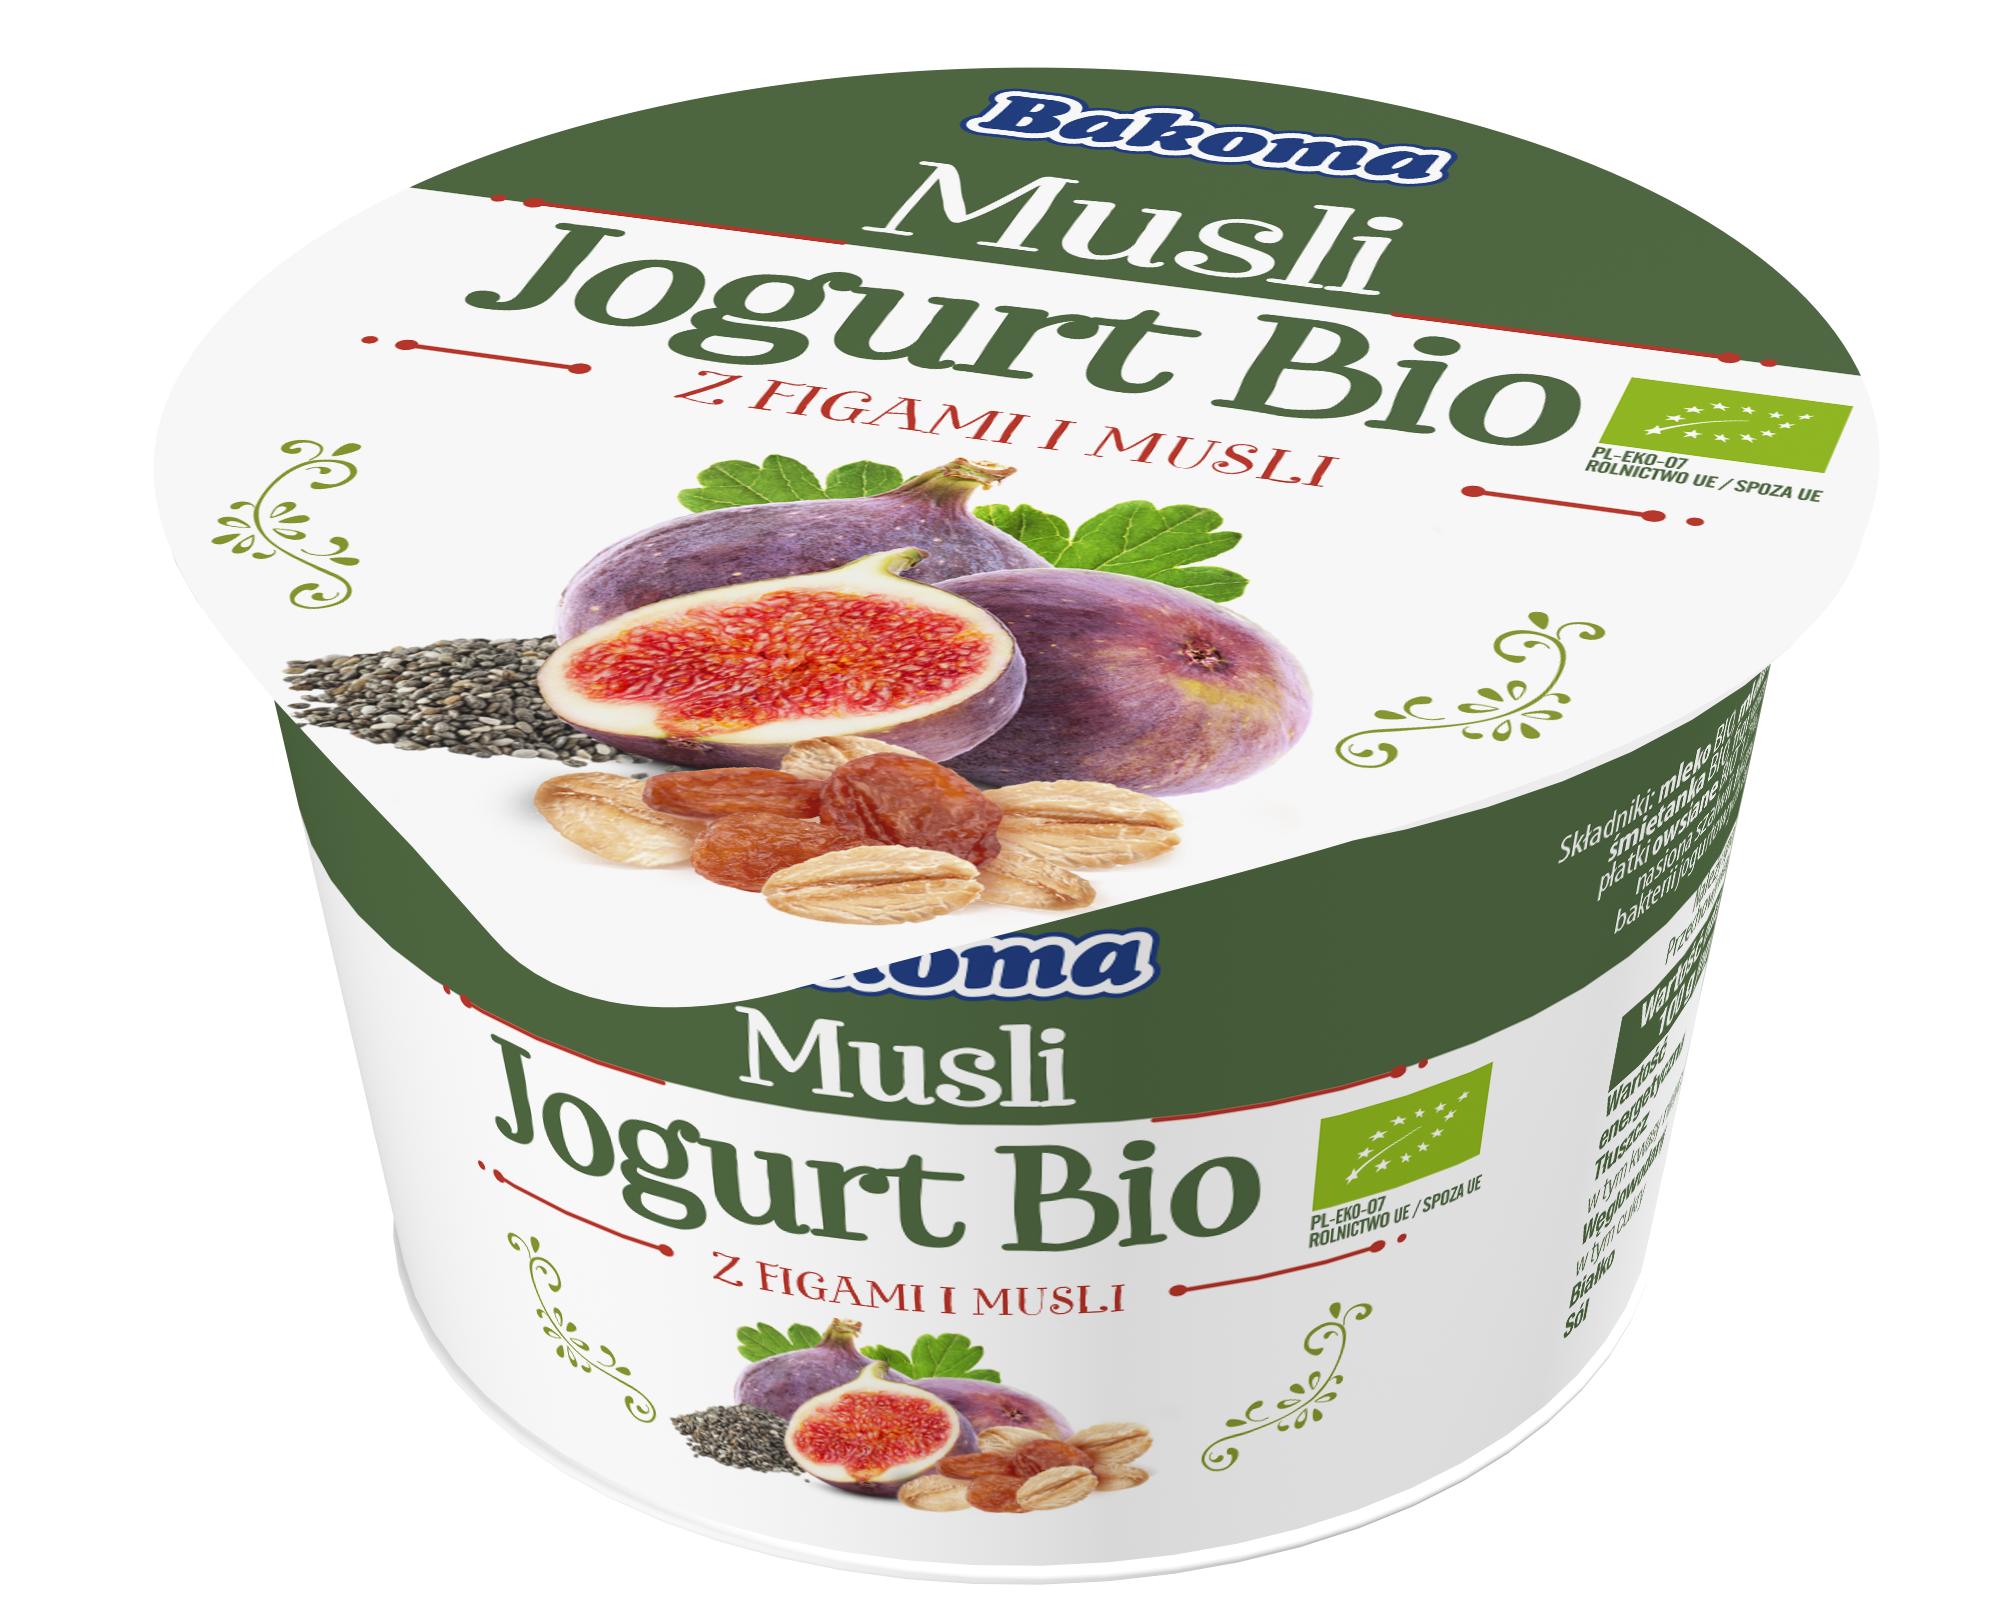 Jogurt Musli BIO od Bakomy